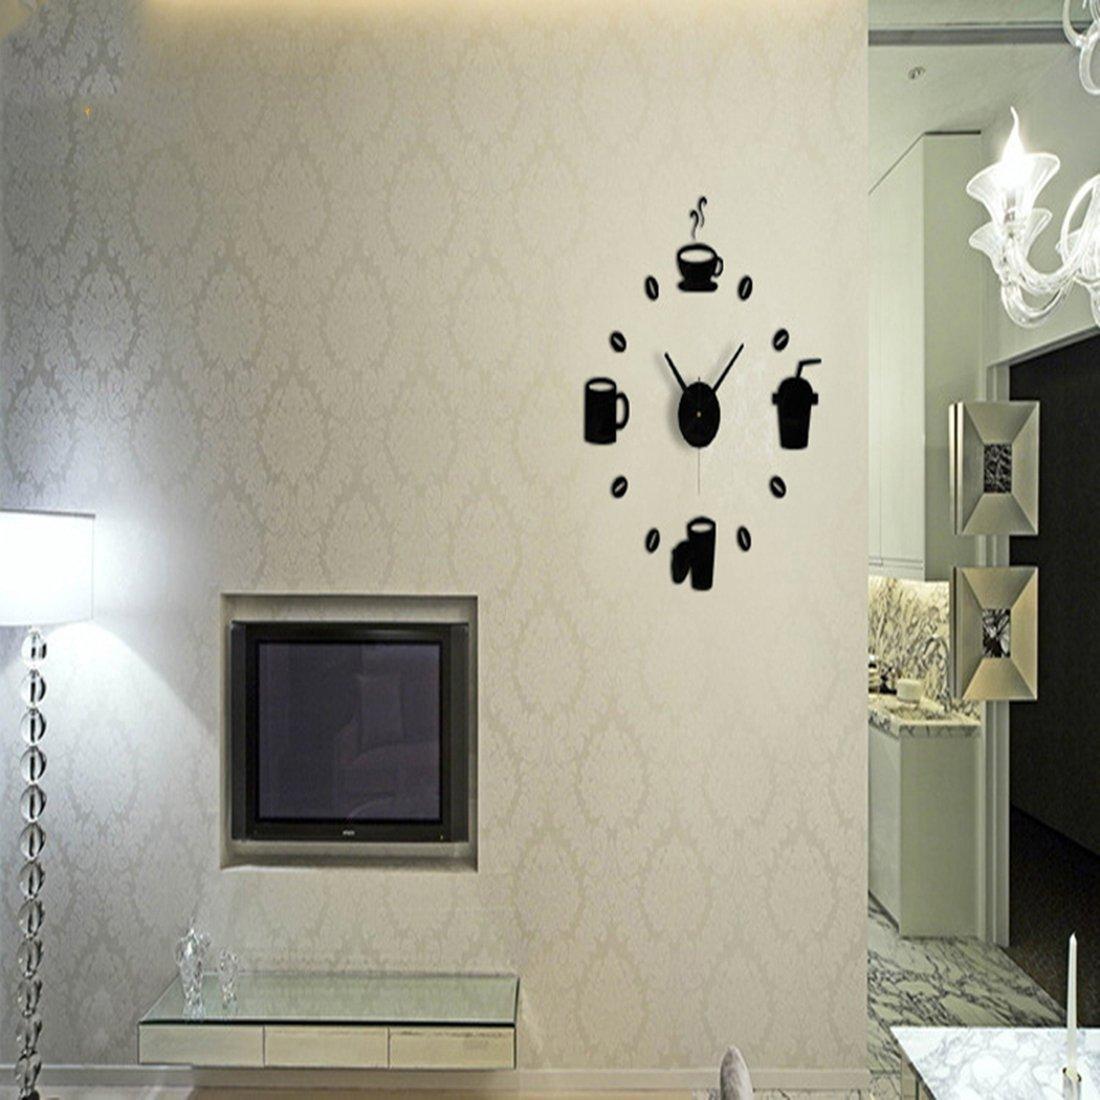 joyliveCY Kaffeetassen Küchenwandkunst Spiegel Uhr Modernes Design ...